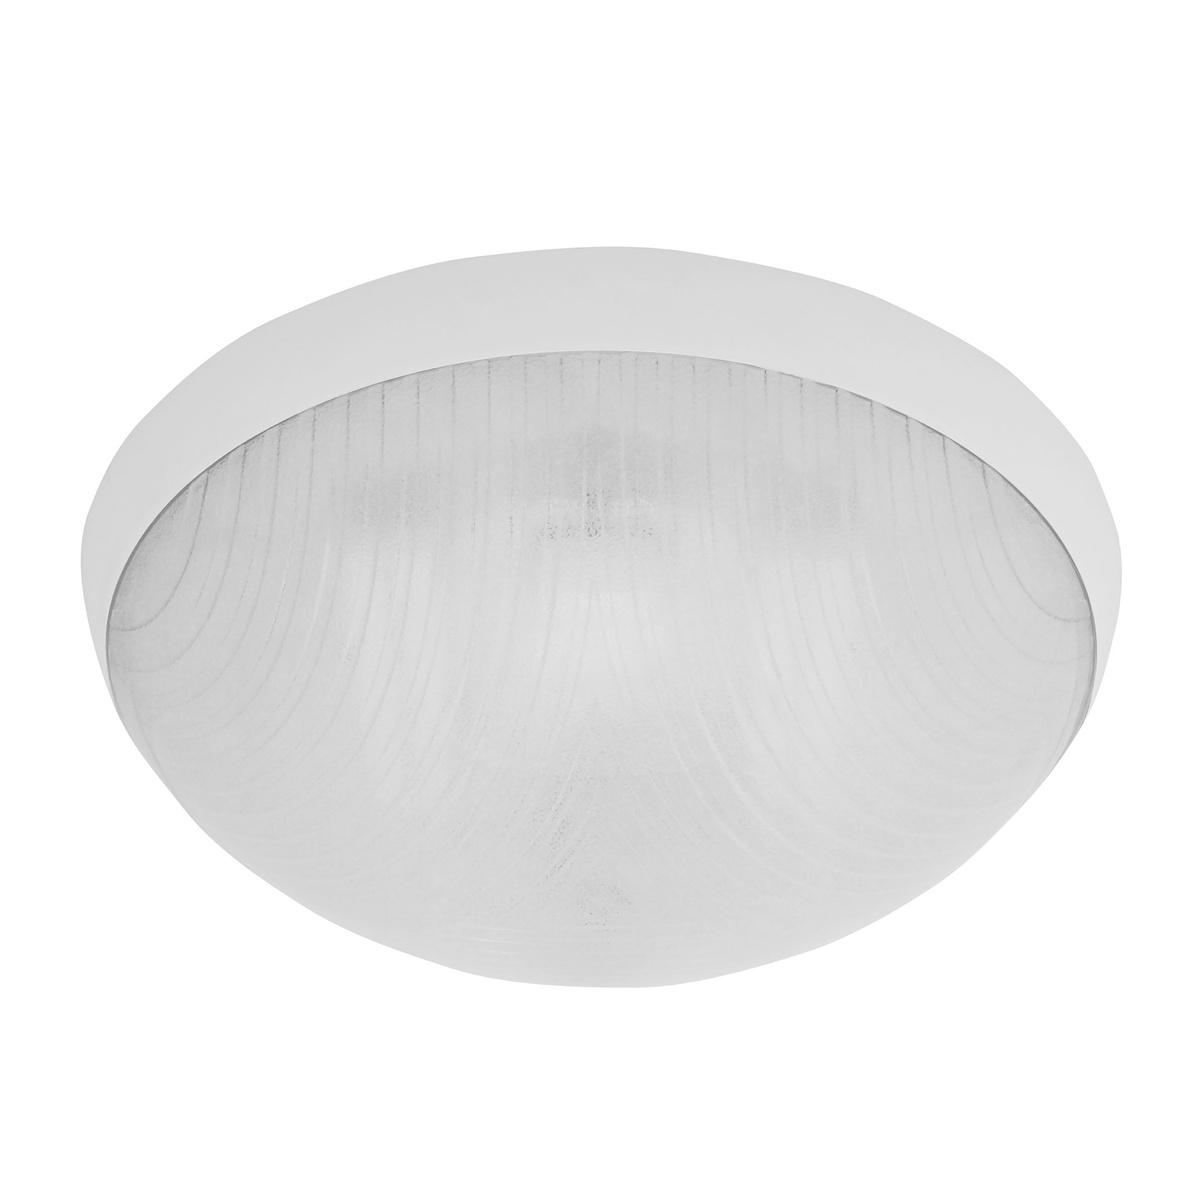 GALIA prisadené stropné a nástenné kruhové svetlo 75W, bílá, Panlux